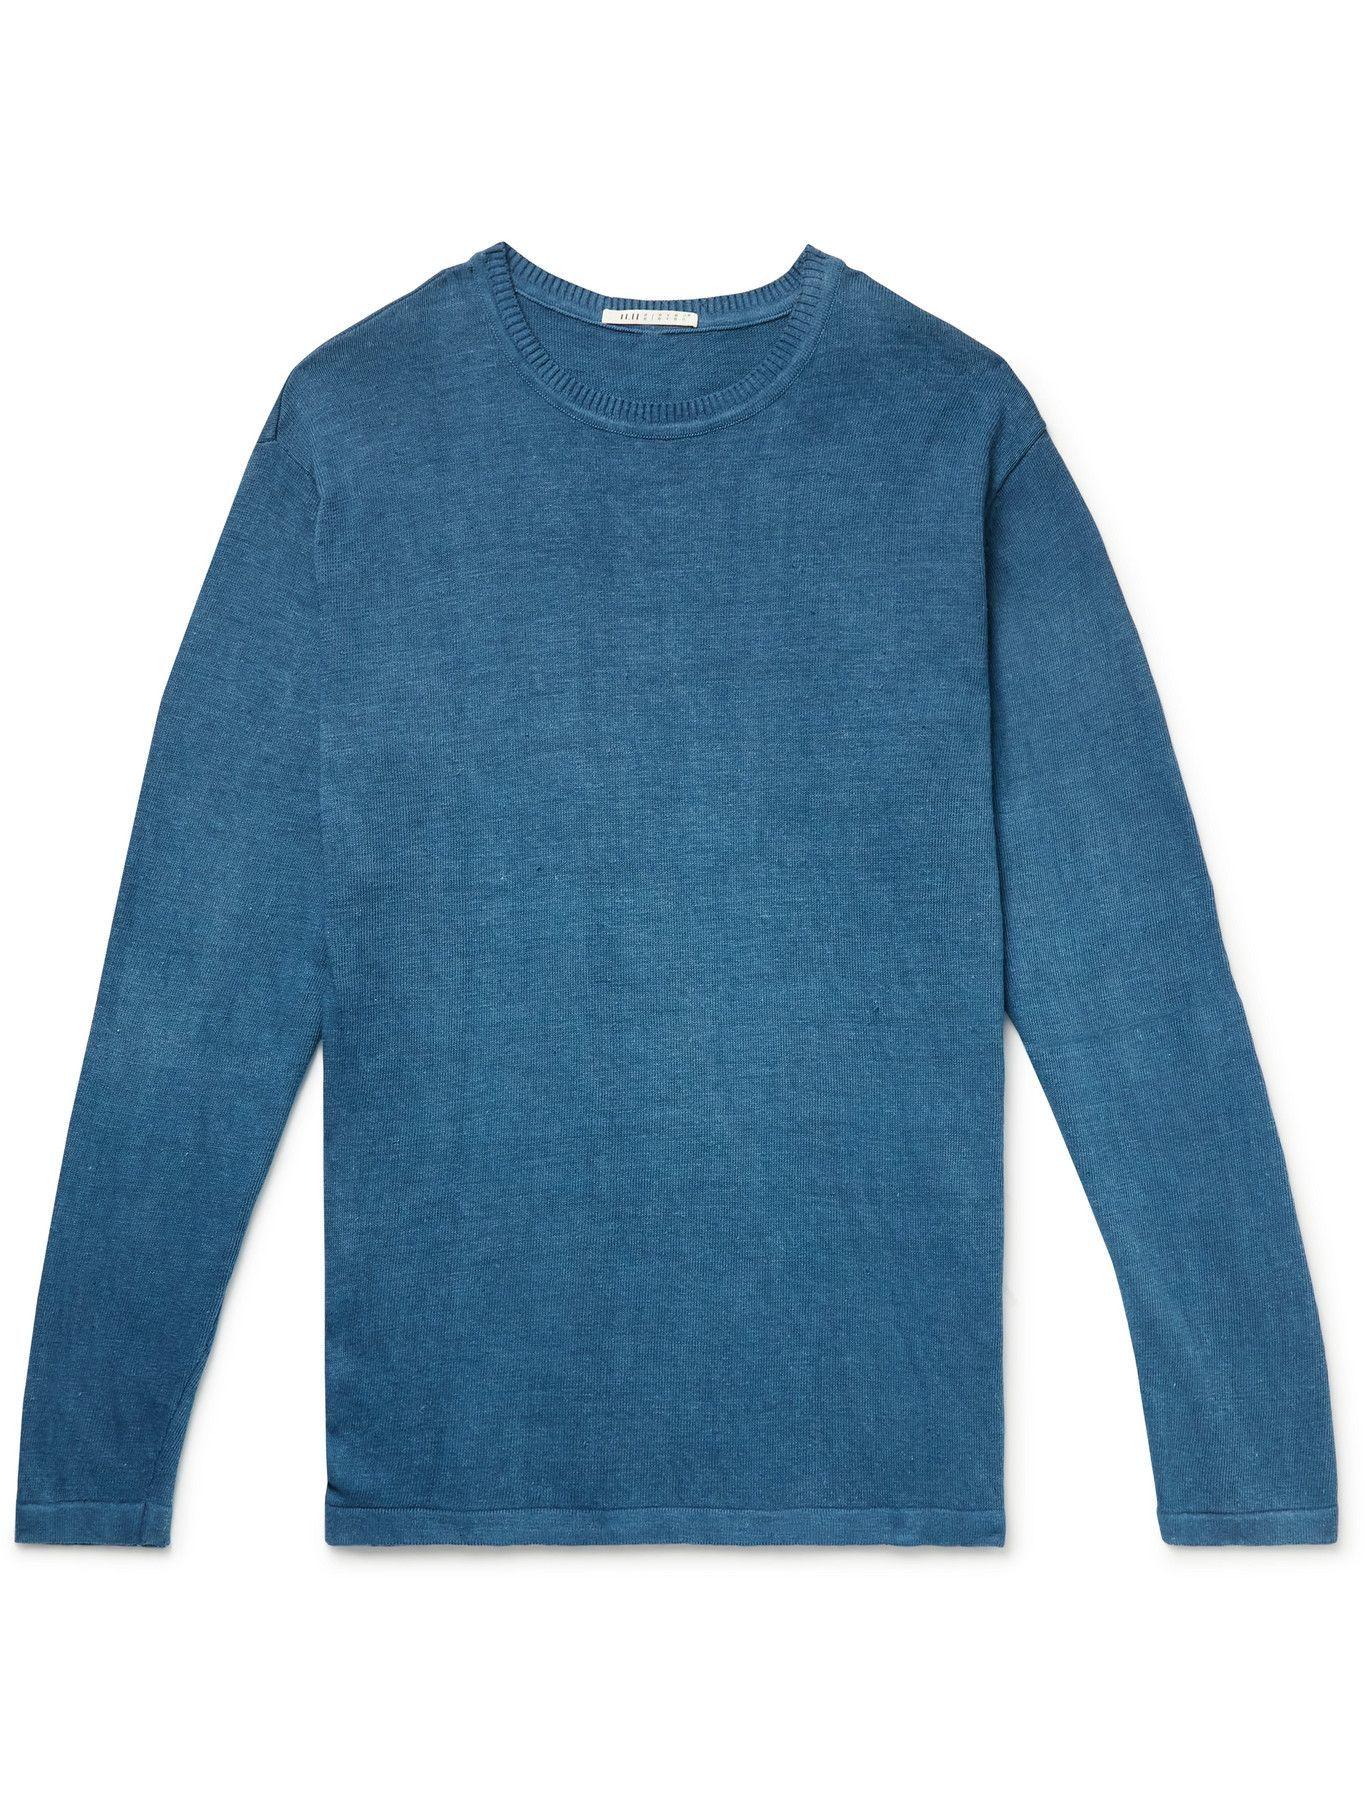 Photo: 11.11/eleven eleven - Slub Organic Cotton Sweater - Blue